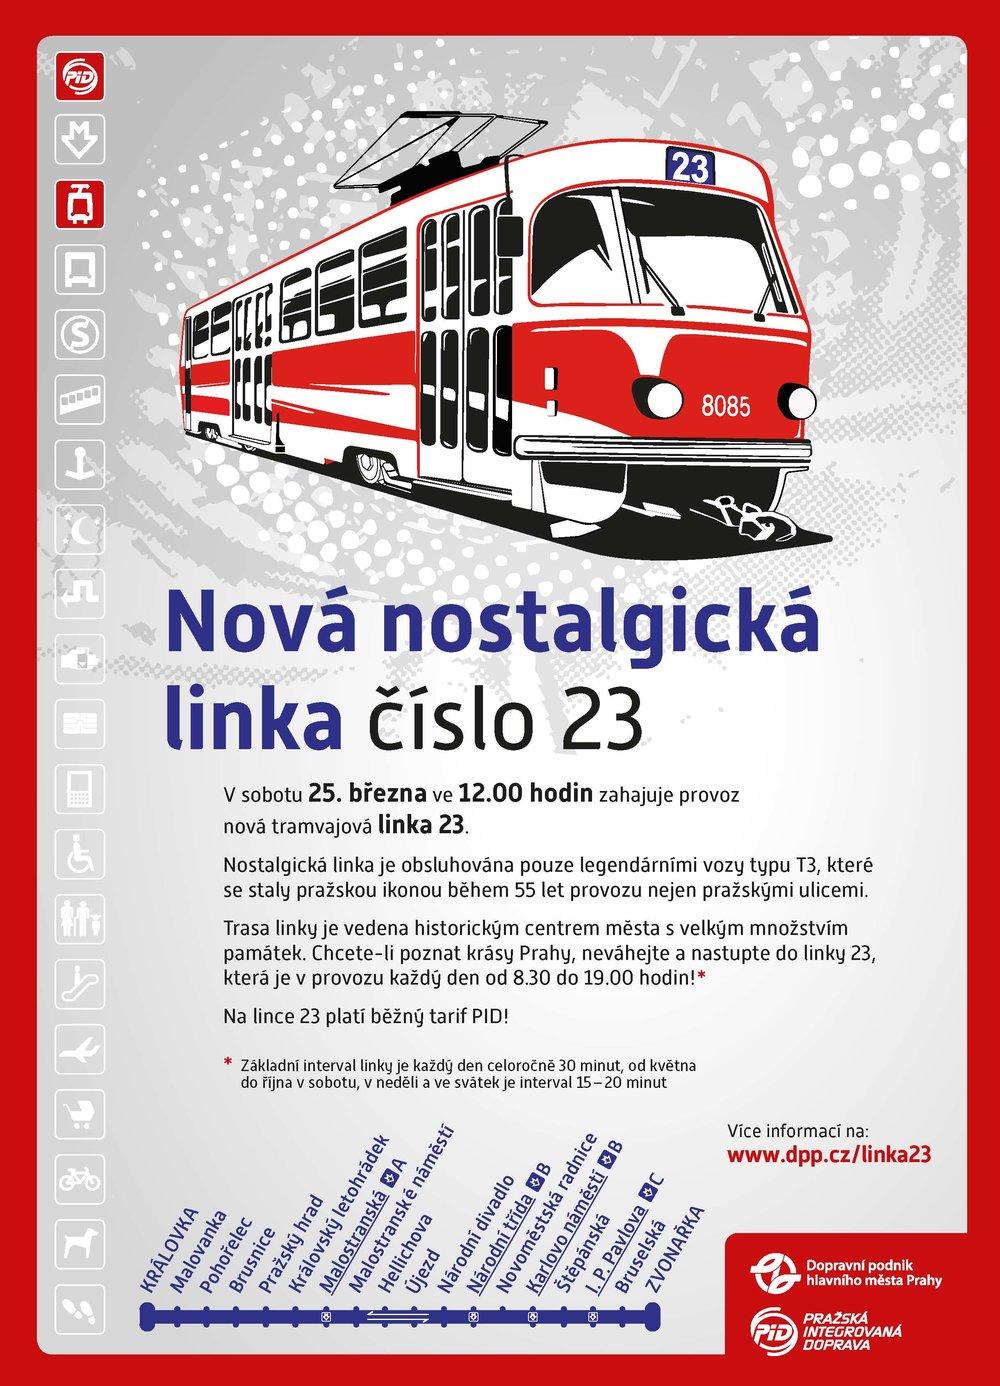 Leták k zahájení provozu nostalgické linky č. 23. (zdroj: DPP)